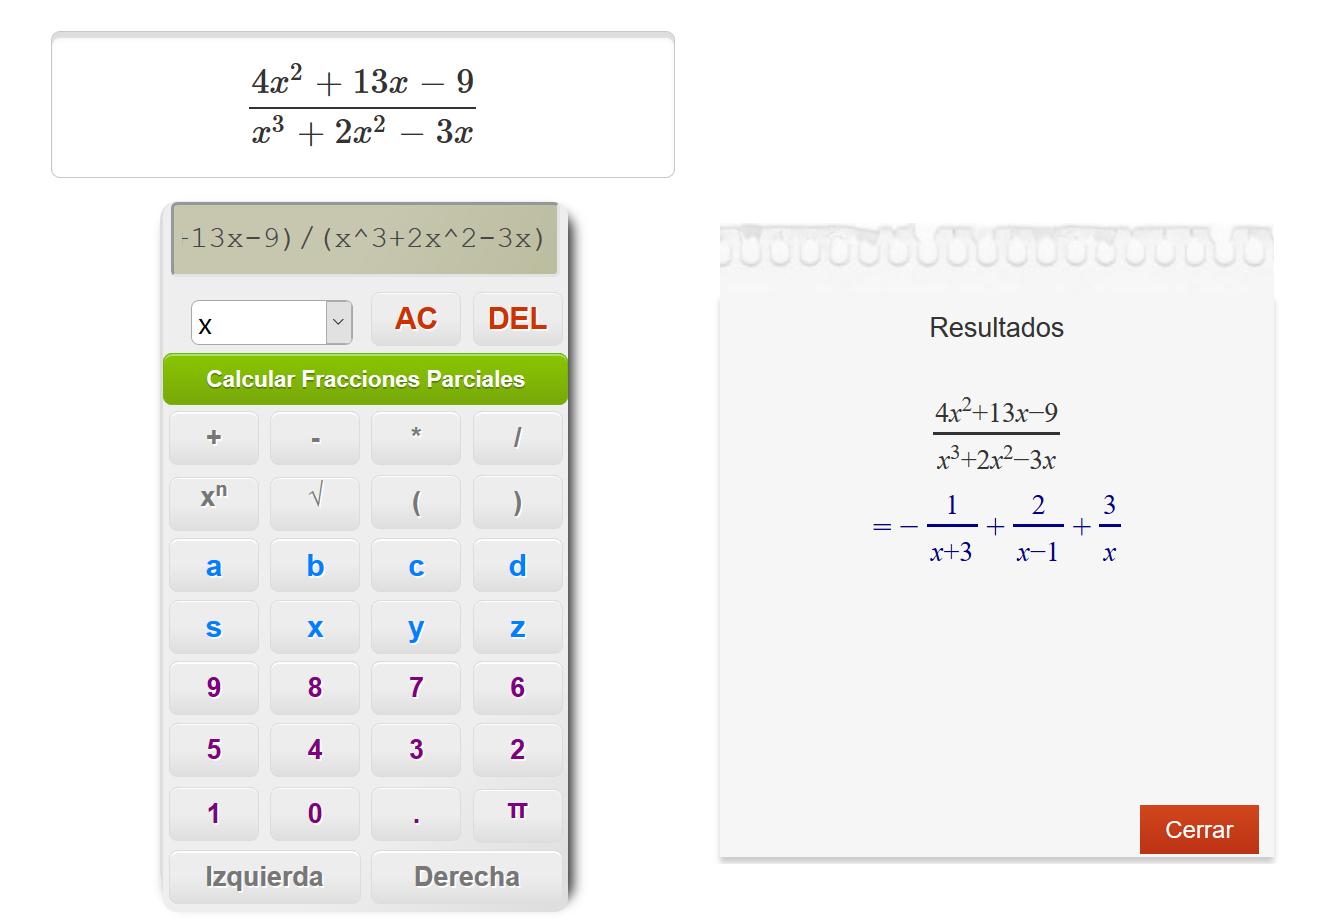 Calculadora de Fracciones Parciales (Fracciones Simples)